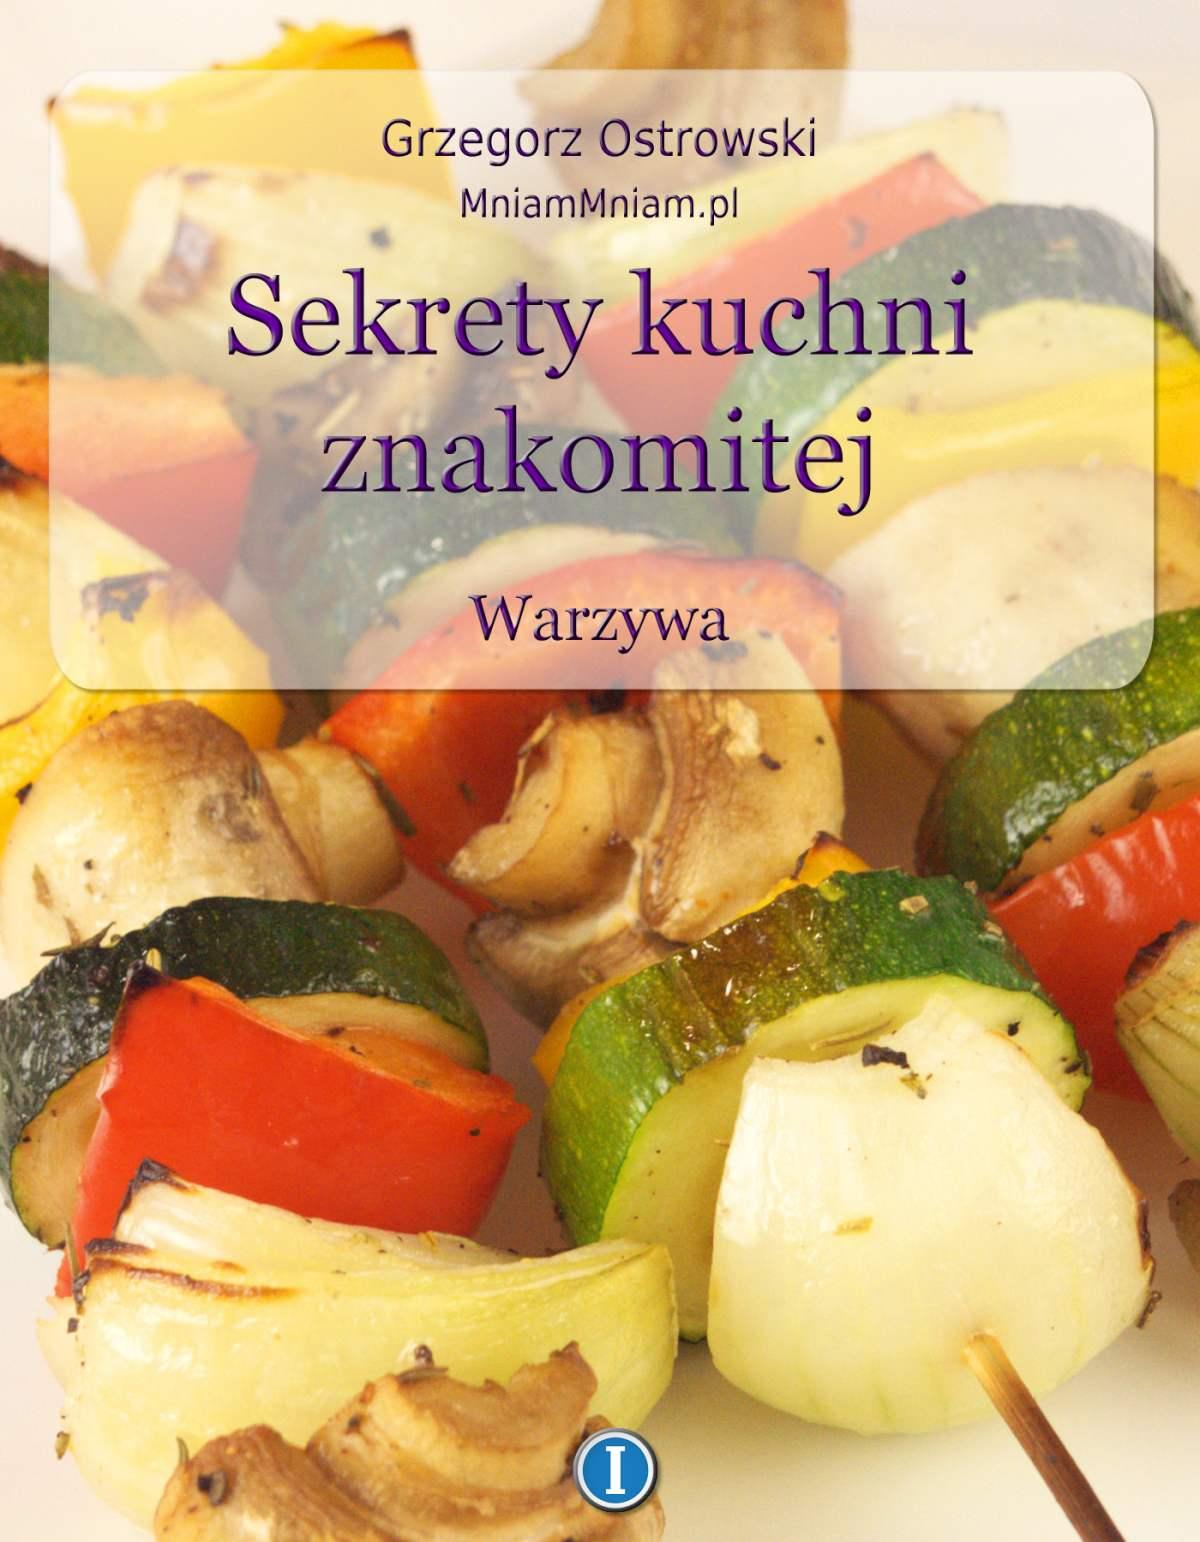 Sekrety kuchni znakomitej. Warzywa - Ebook (Książka EPUB) do pobrania w formacie EPUB